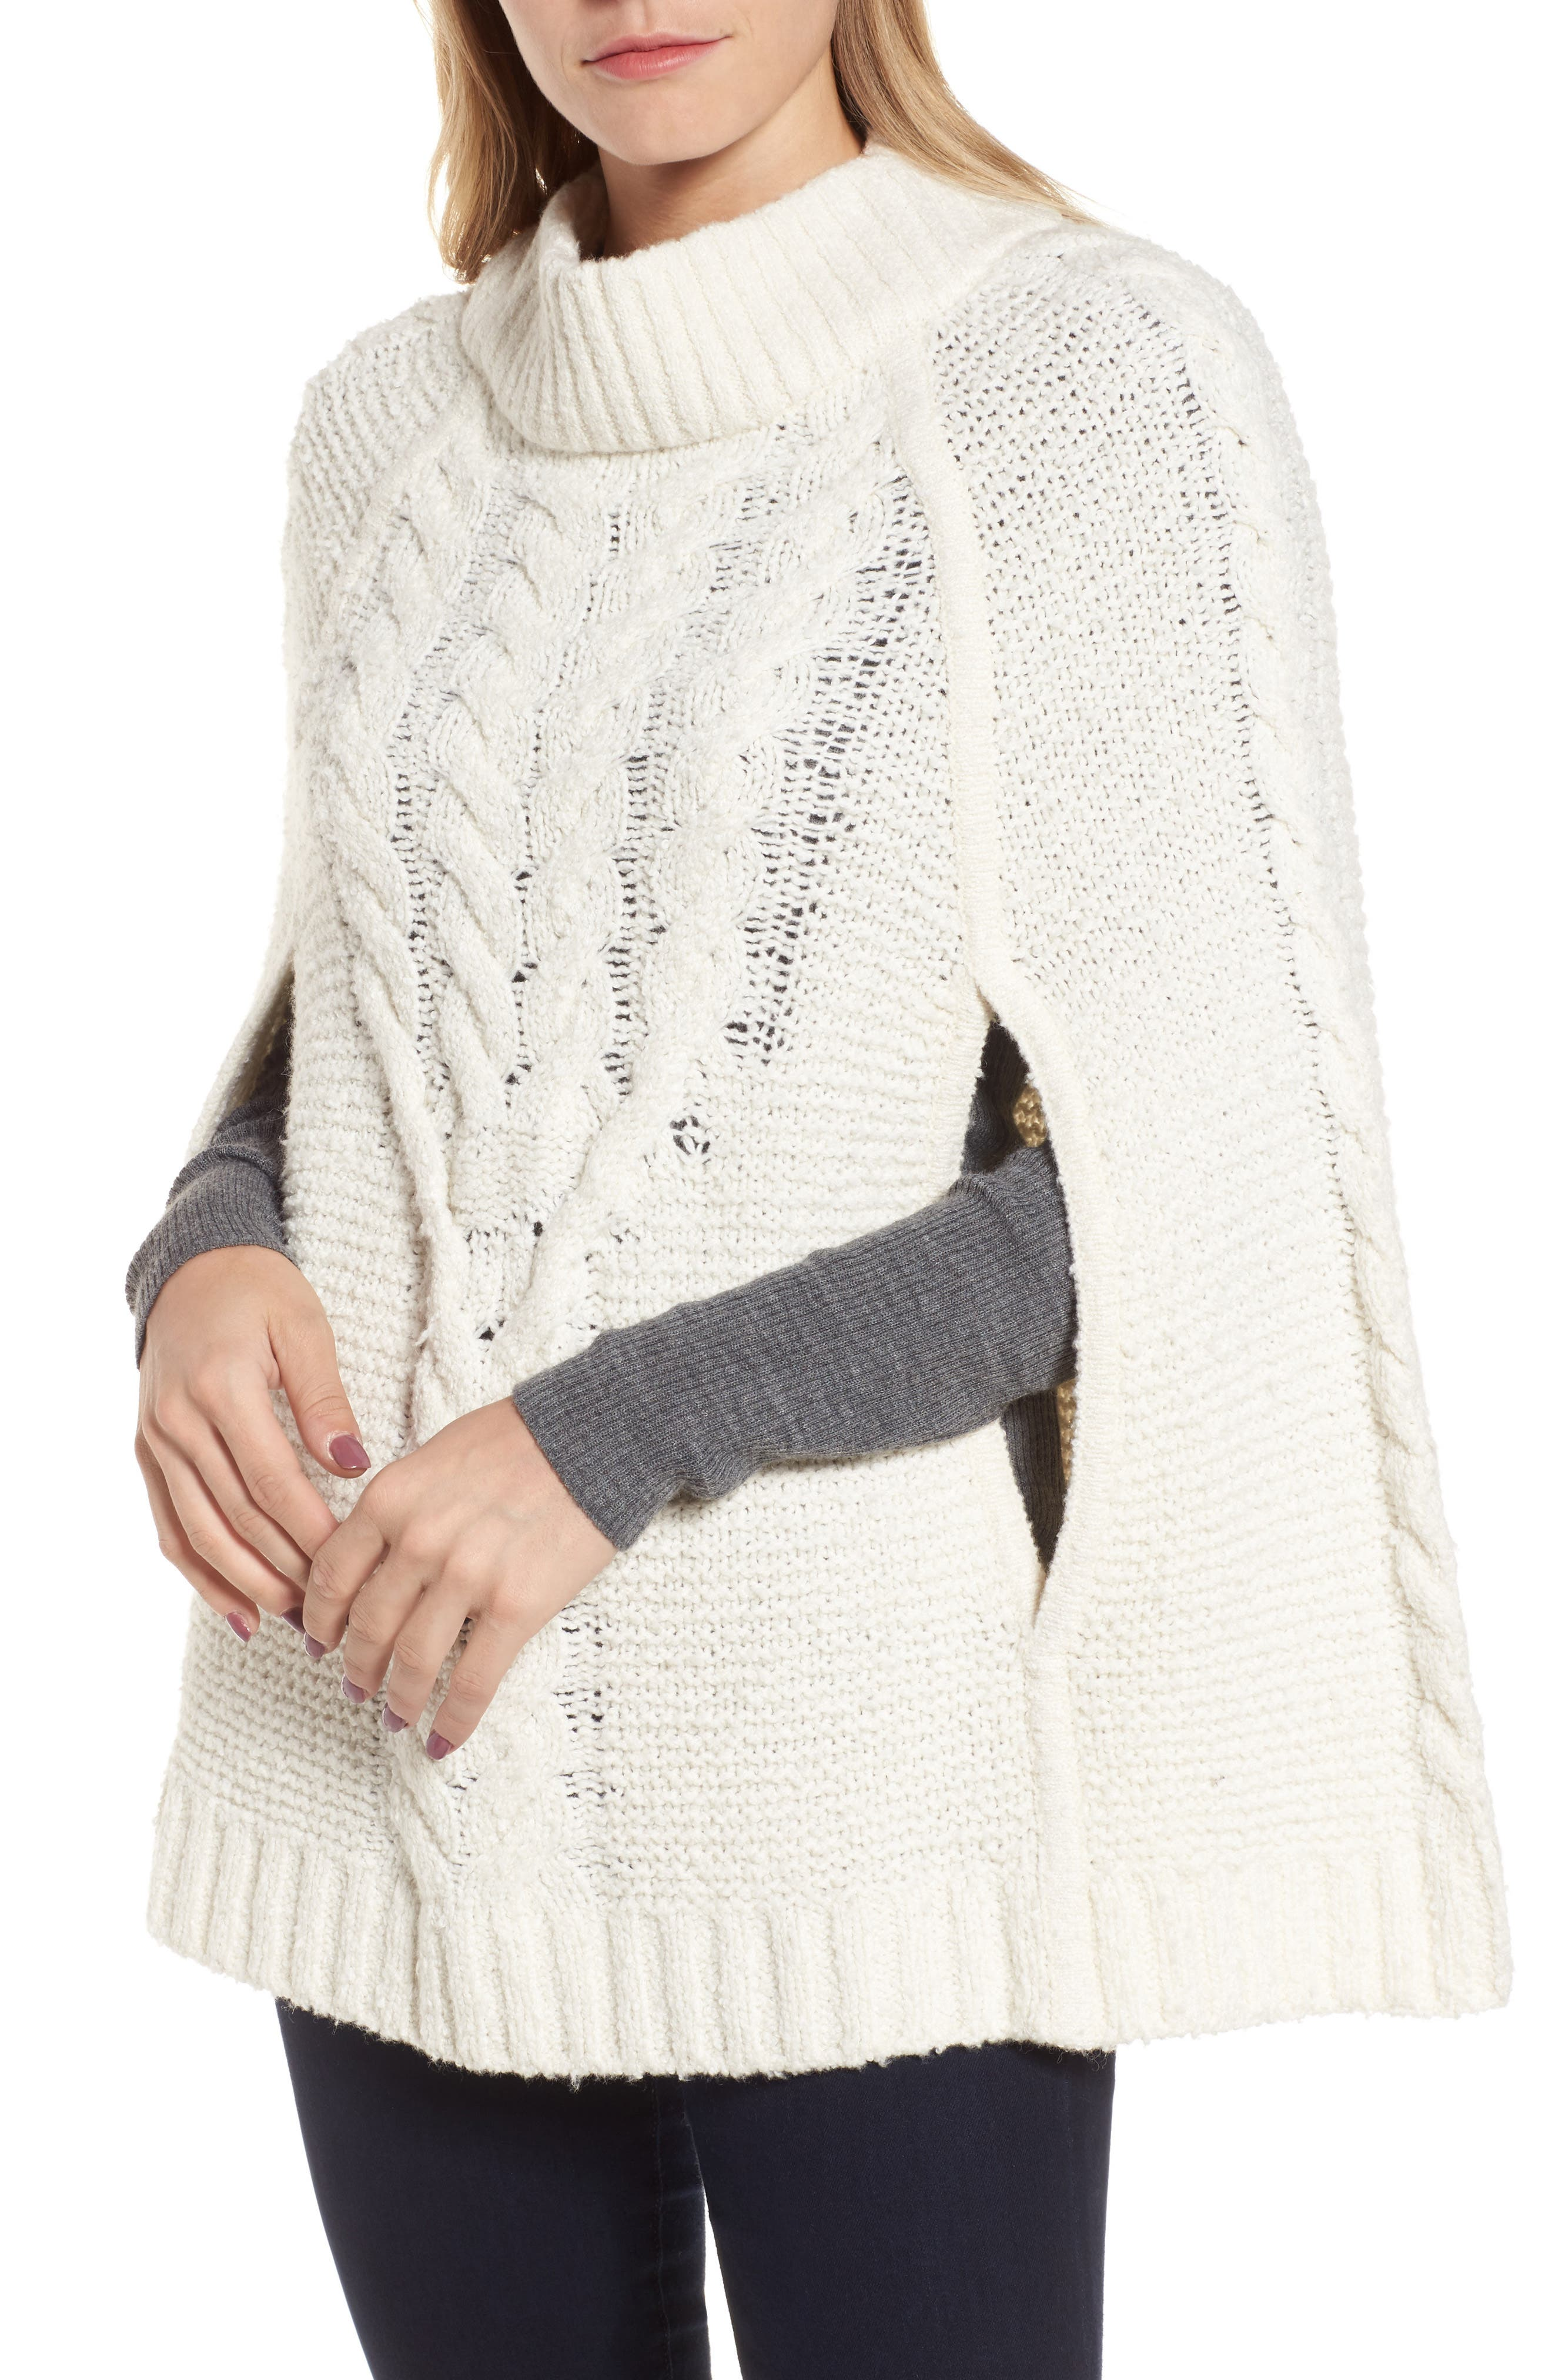 Draper James Cable Sweater Cape